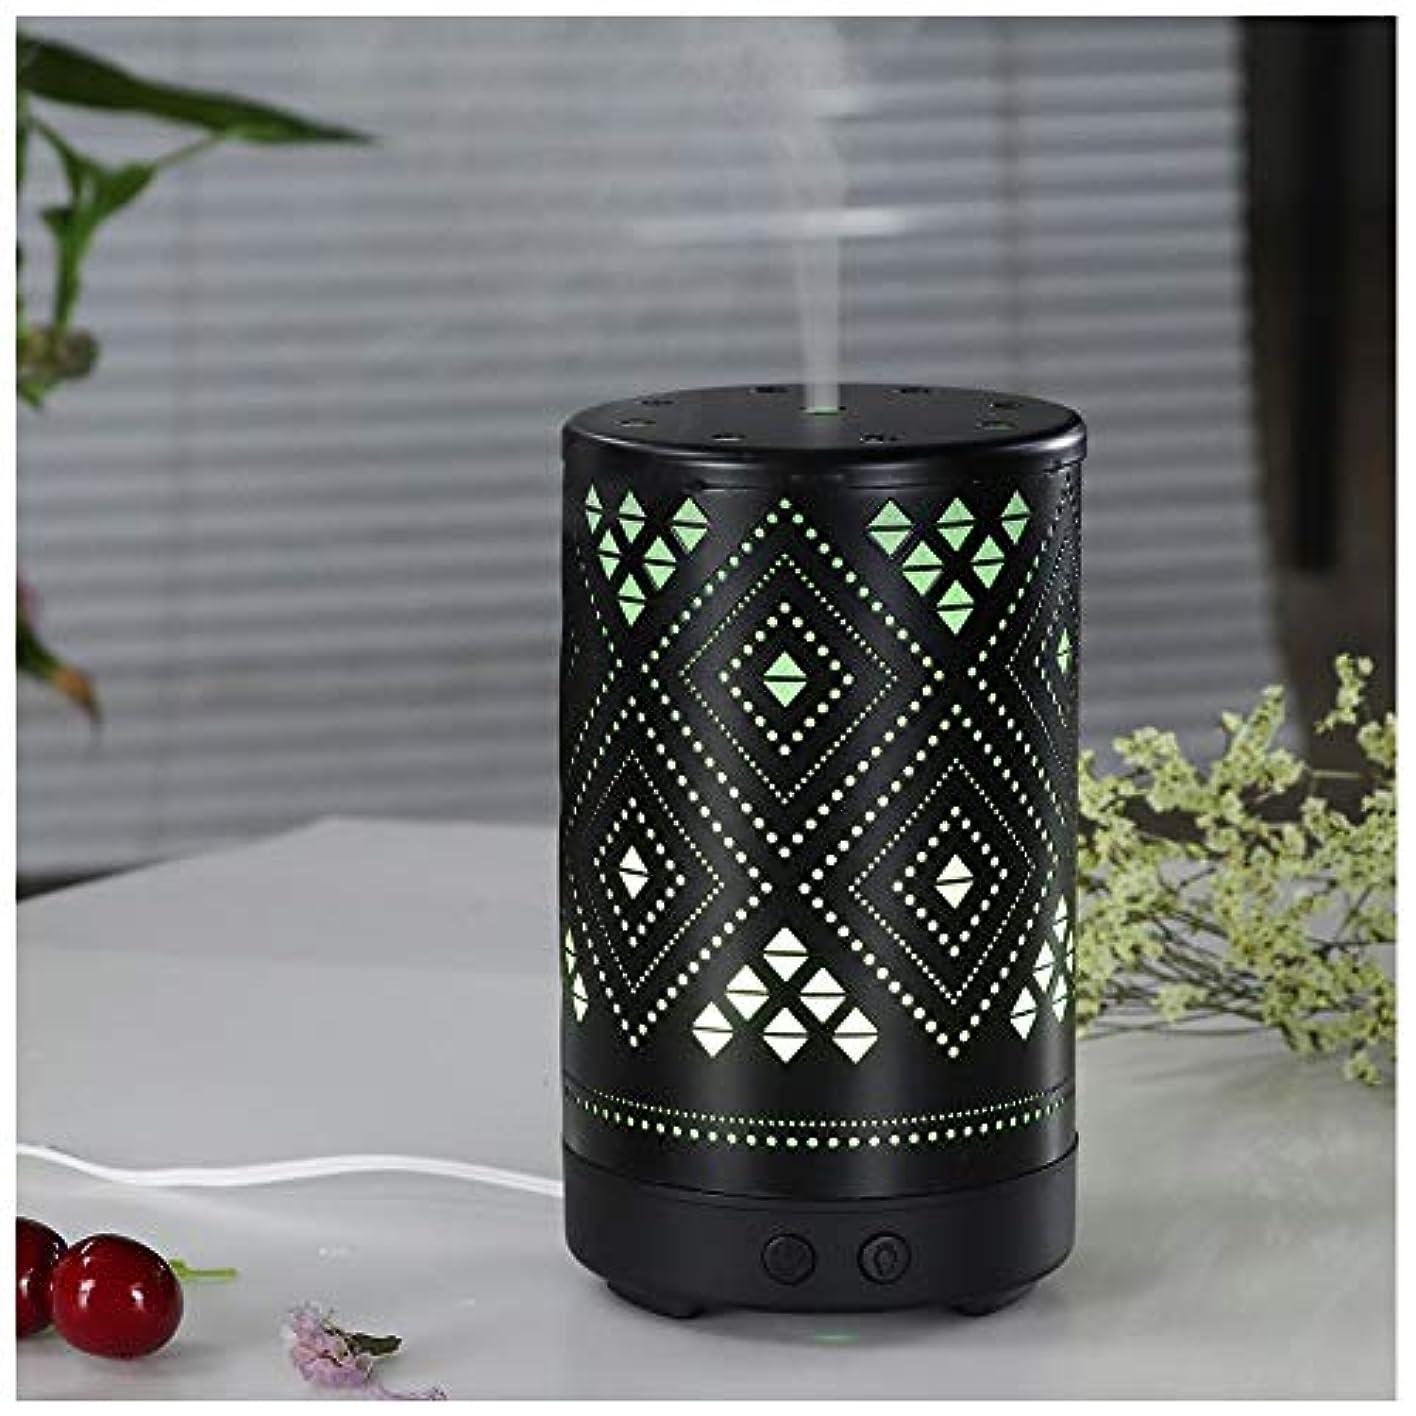 焦げブランド名カビエッセンシャルオイルディフューザー超音波加湿器100ミリリットルポータブルアロマディフューザー、7種類のLED寝室アクセサリーナイトライト